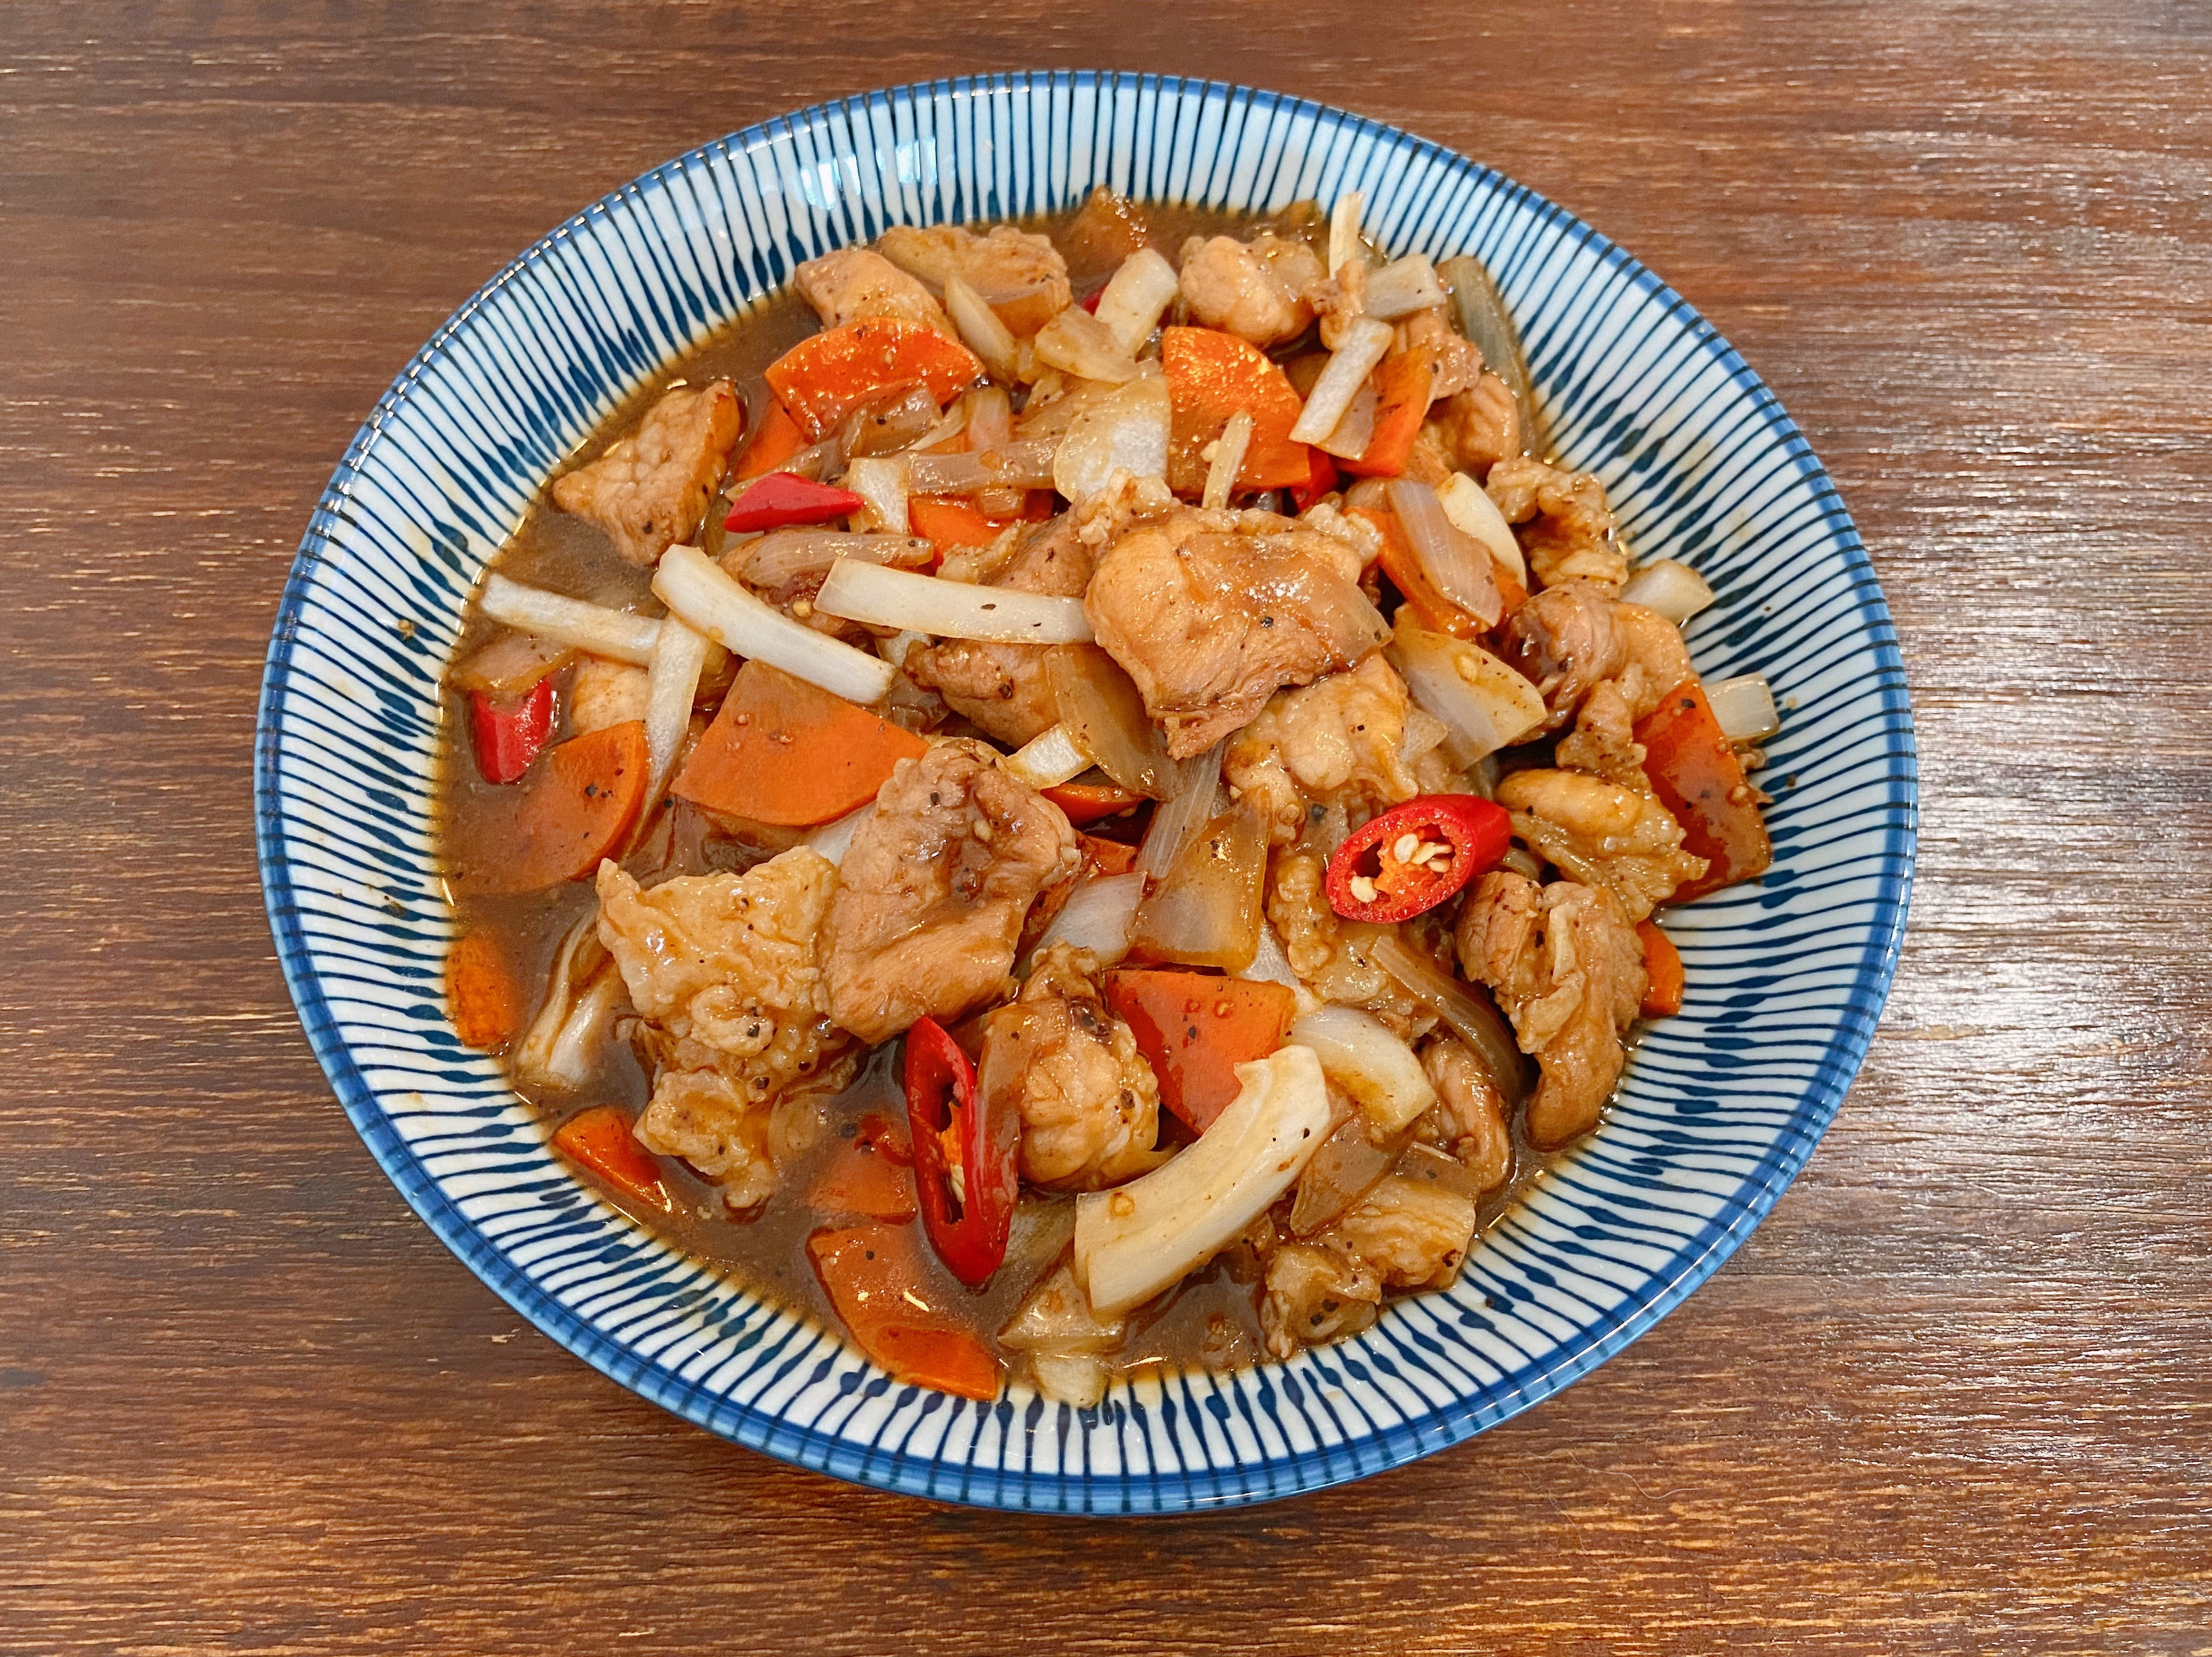 熱炒店的《黑胡椒豬柳》下飯開胃菜